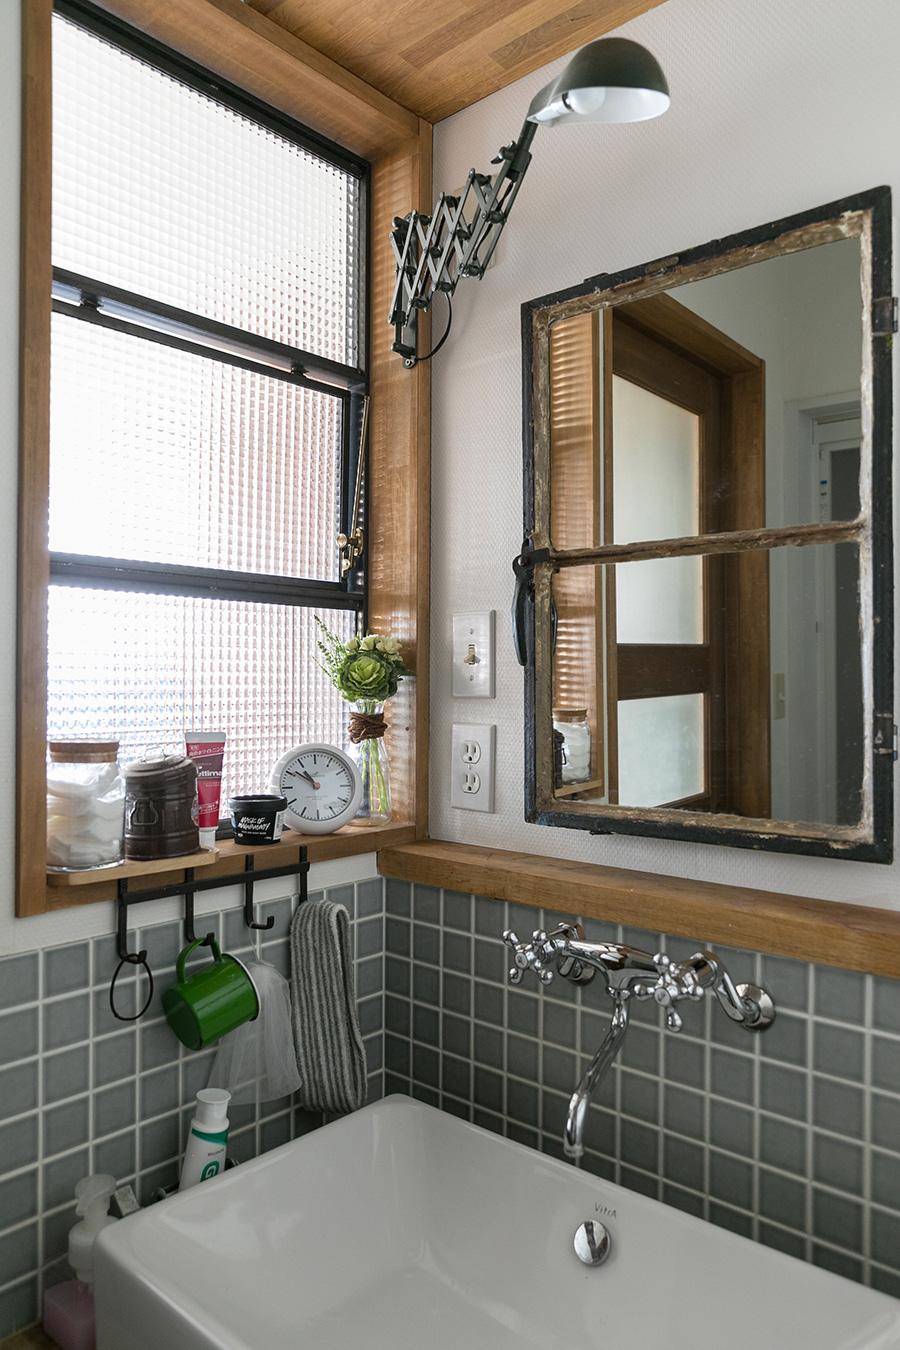 洗面台。古道具の鏡の後ろに収納棚を造作し、開閉できるように設計。